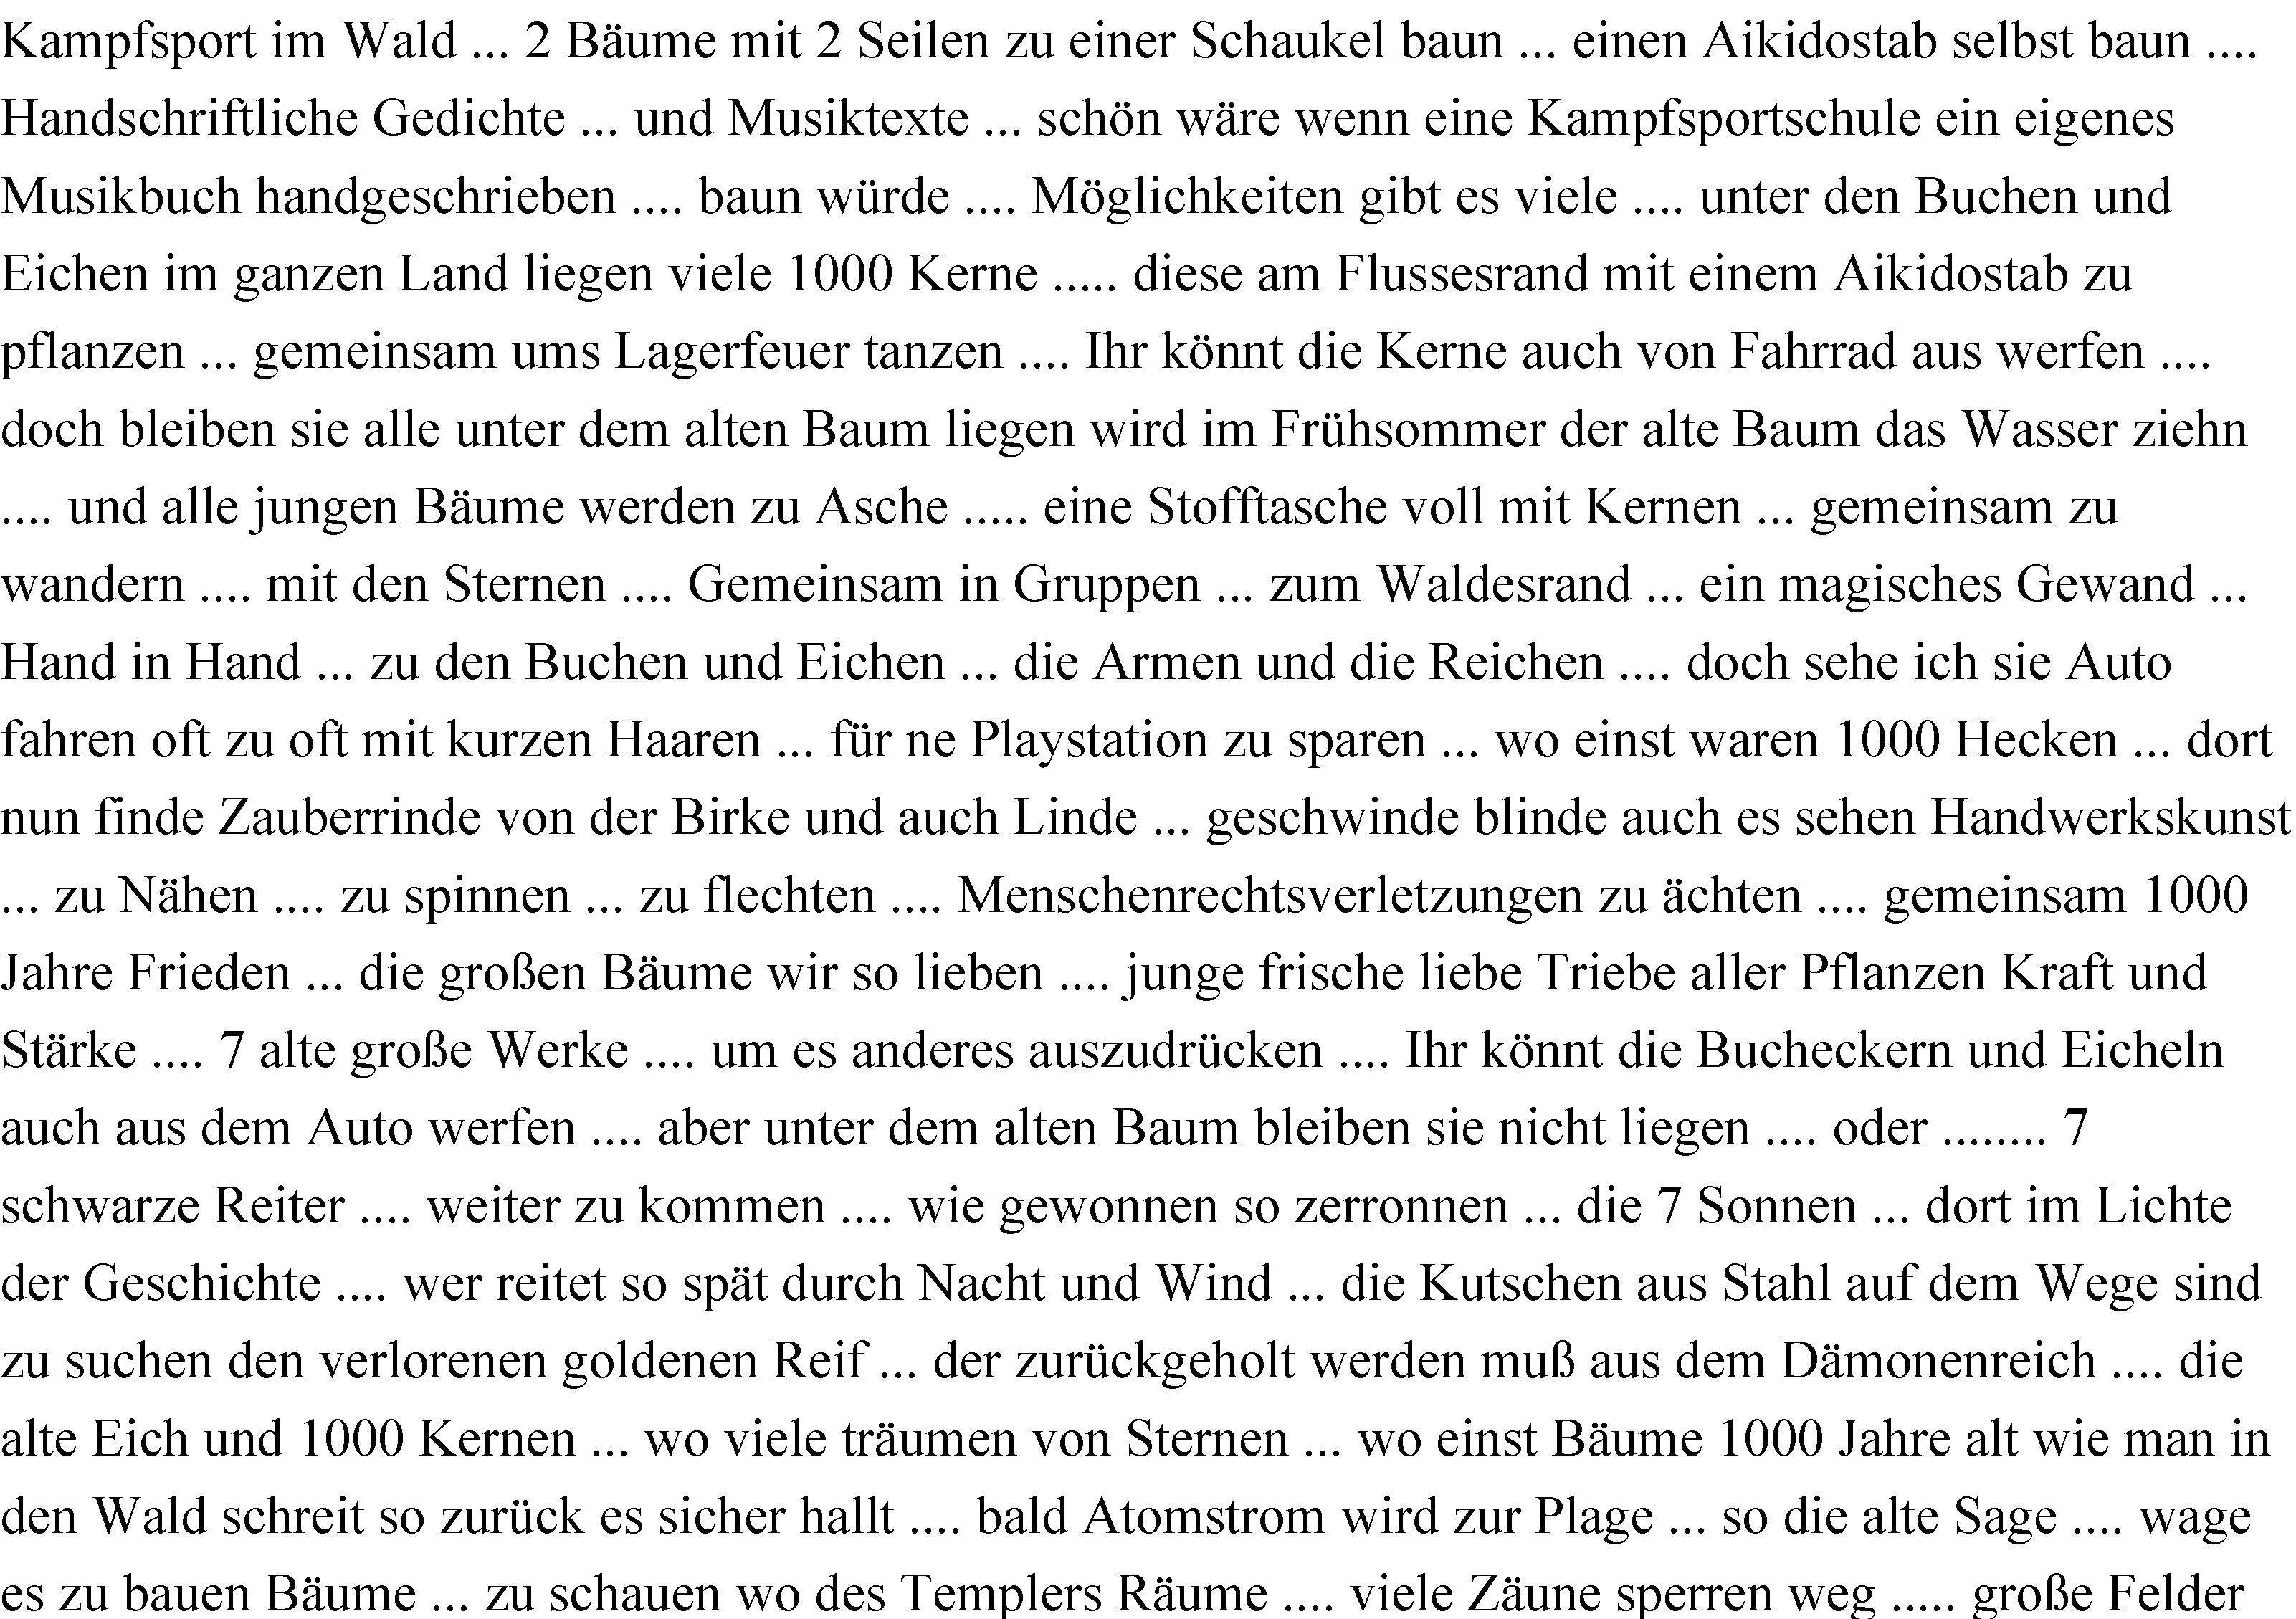 schöne arabische sprüche mit Übersetzung | bnbnews.co